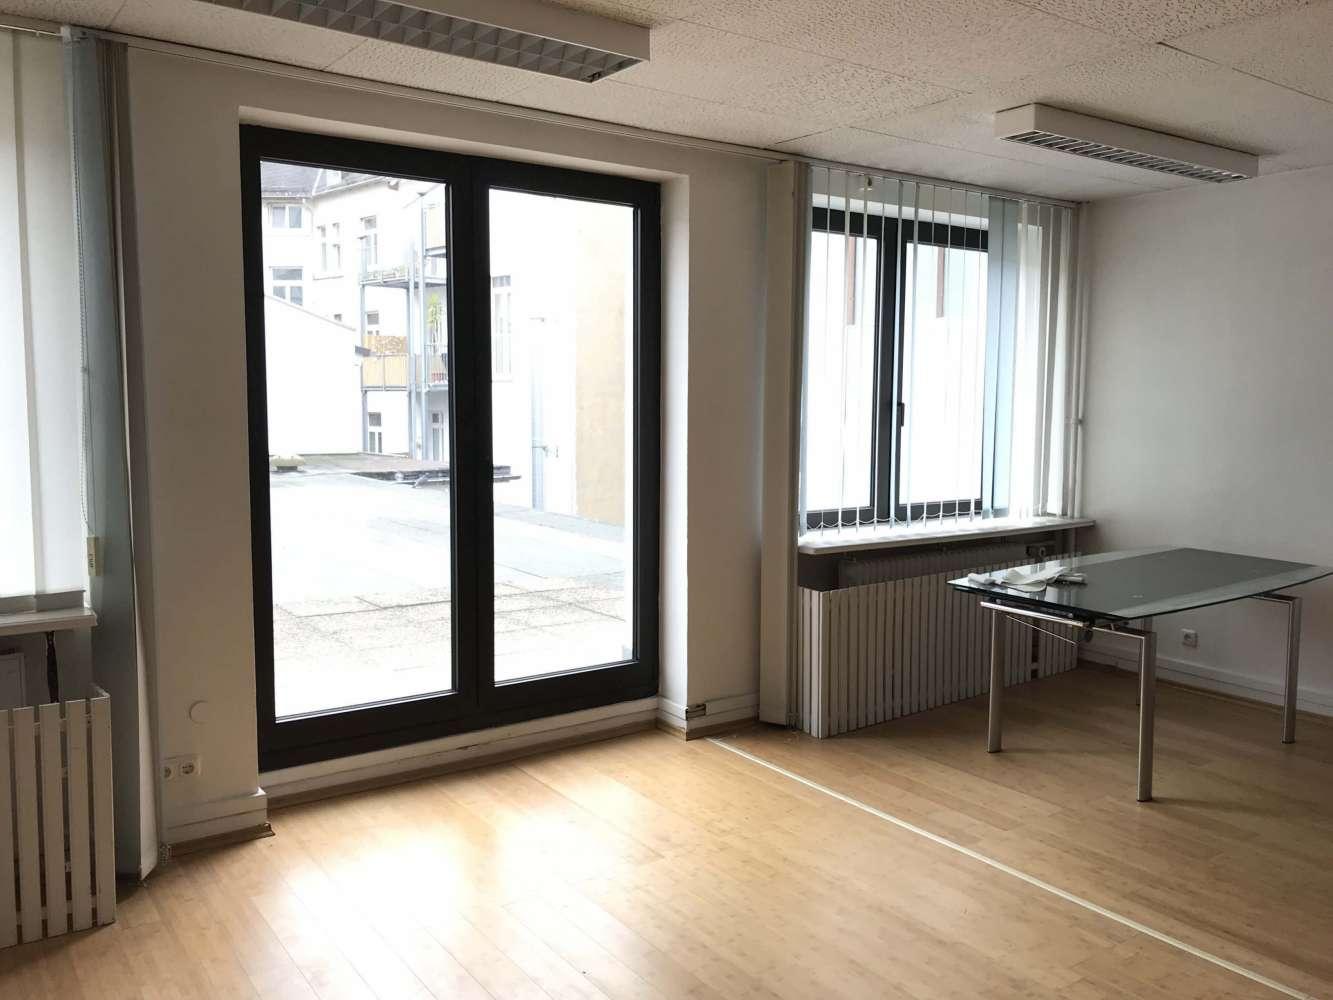 Büros Frankfurt am main, 60329 - Büro - Frankfurt am Main, Innenstadt - F0735 - 10321875